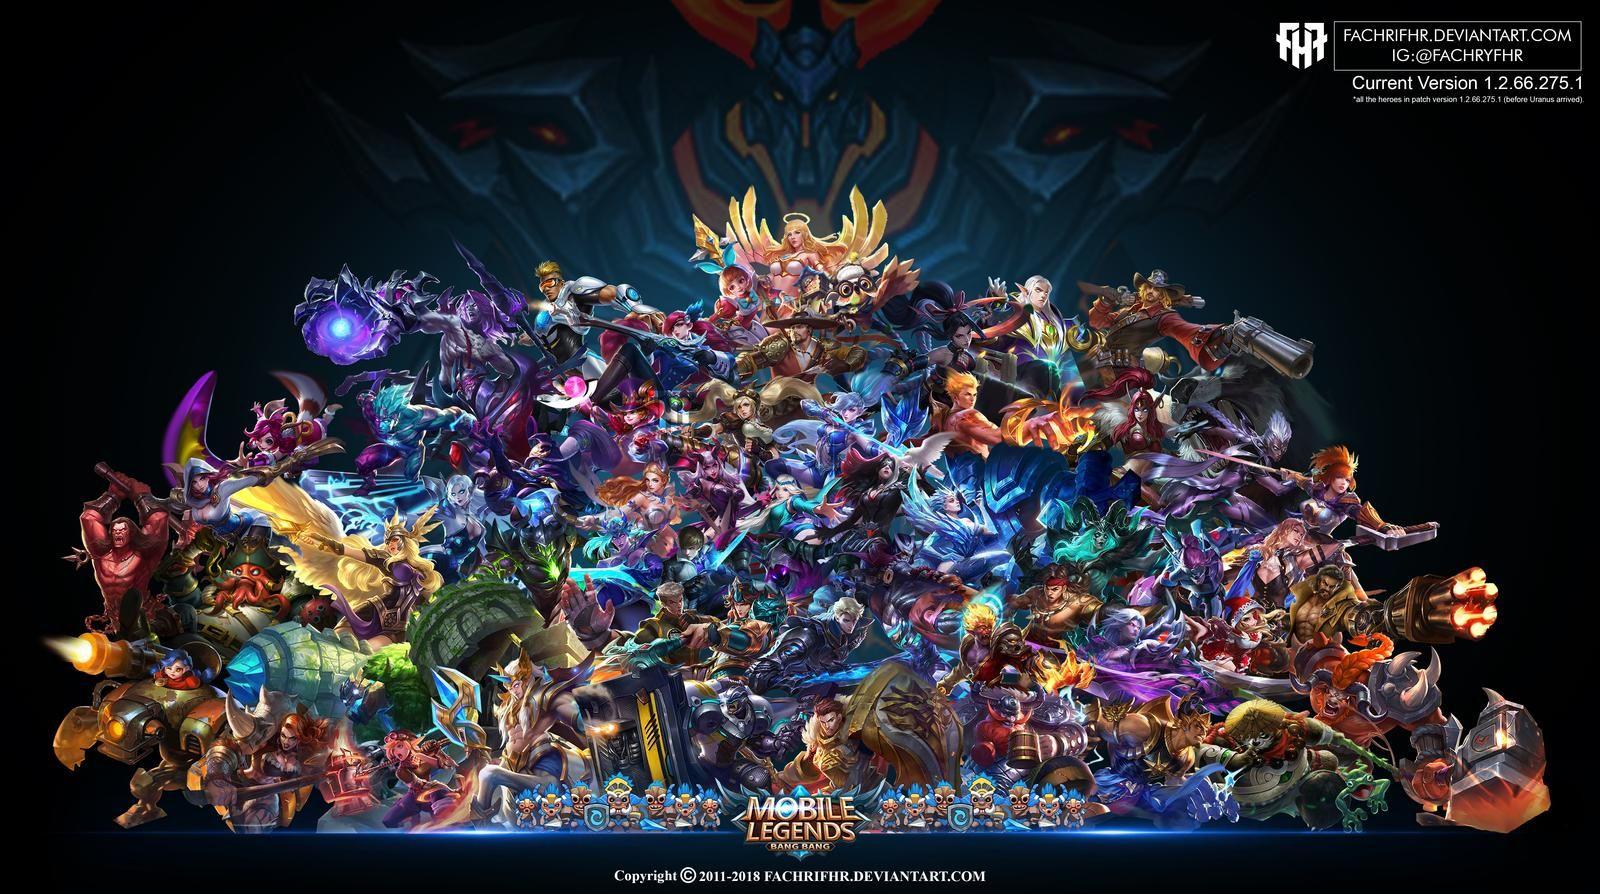 Wallpaper Desktop/PC Mobile Legend HD All Hero By